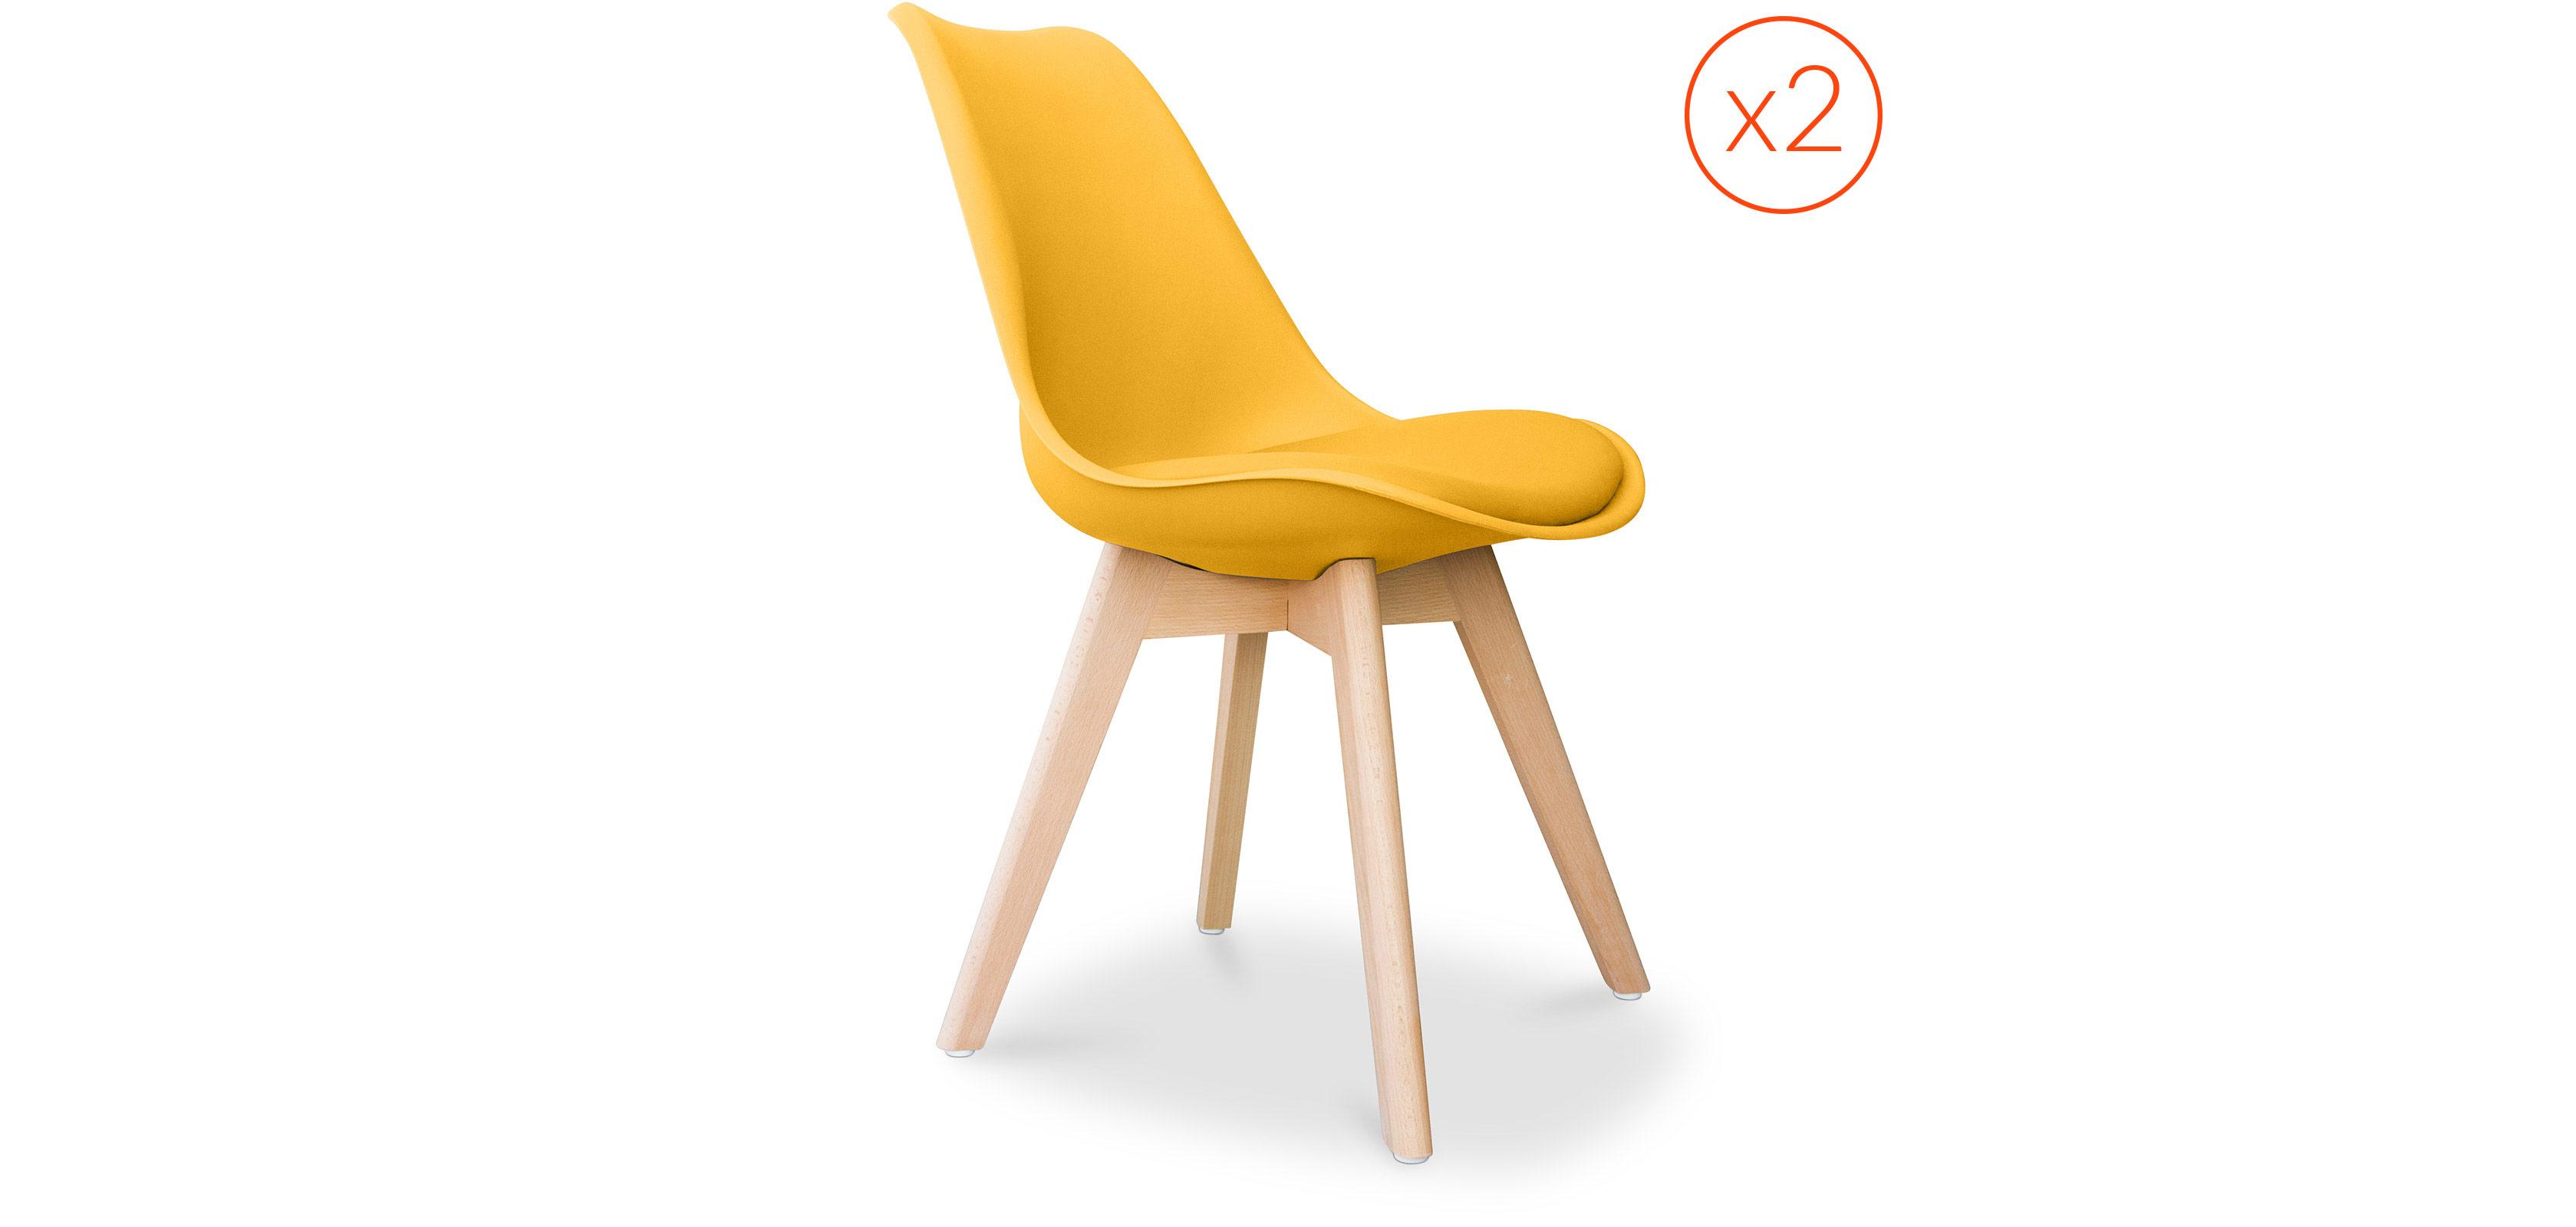 lot de 2 chaises dsw avec coussin design scandinave charles eames. Black Bedroom Furniture Sets. Home Design Ideas